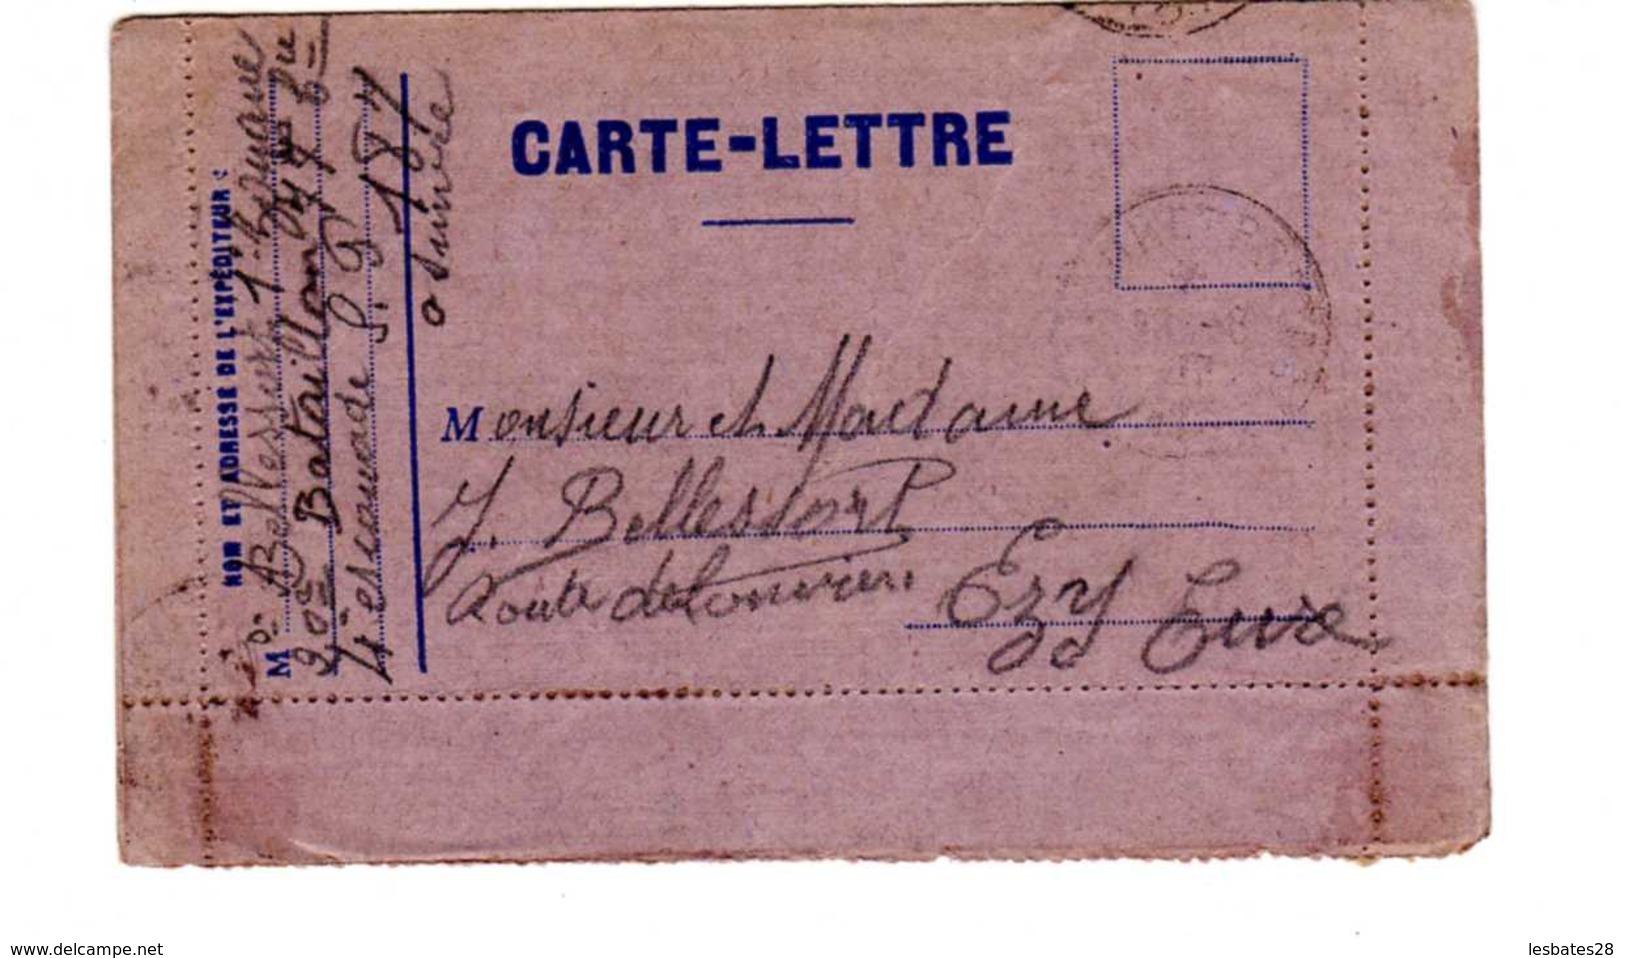 MILITARIA  CARTE-LETTRE  Carte De Franchise - Carte Lettre Victoire  1914-1915 EMBLEME  LE COQ   Cachet à Date1916 - Cartes De Franchise Militaire